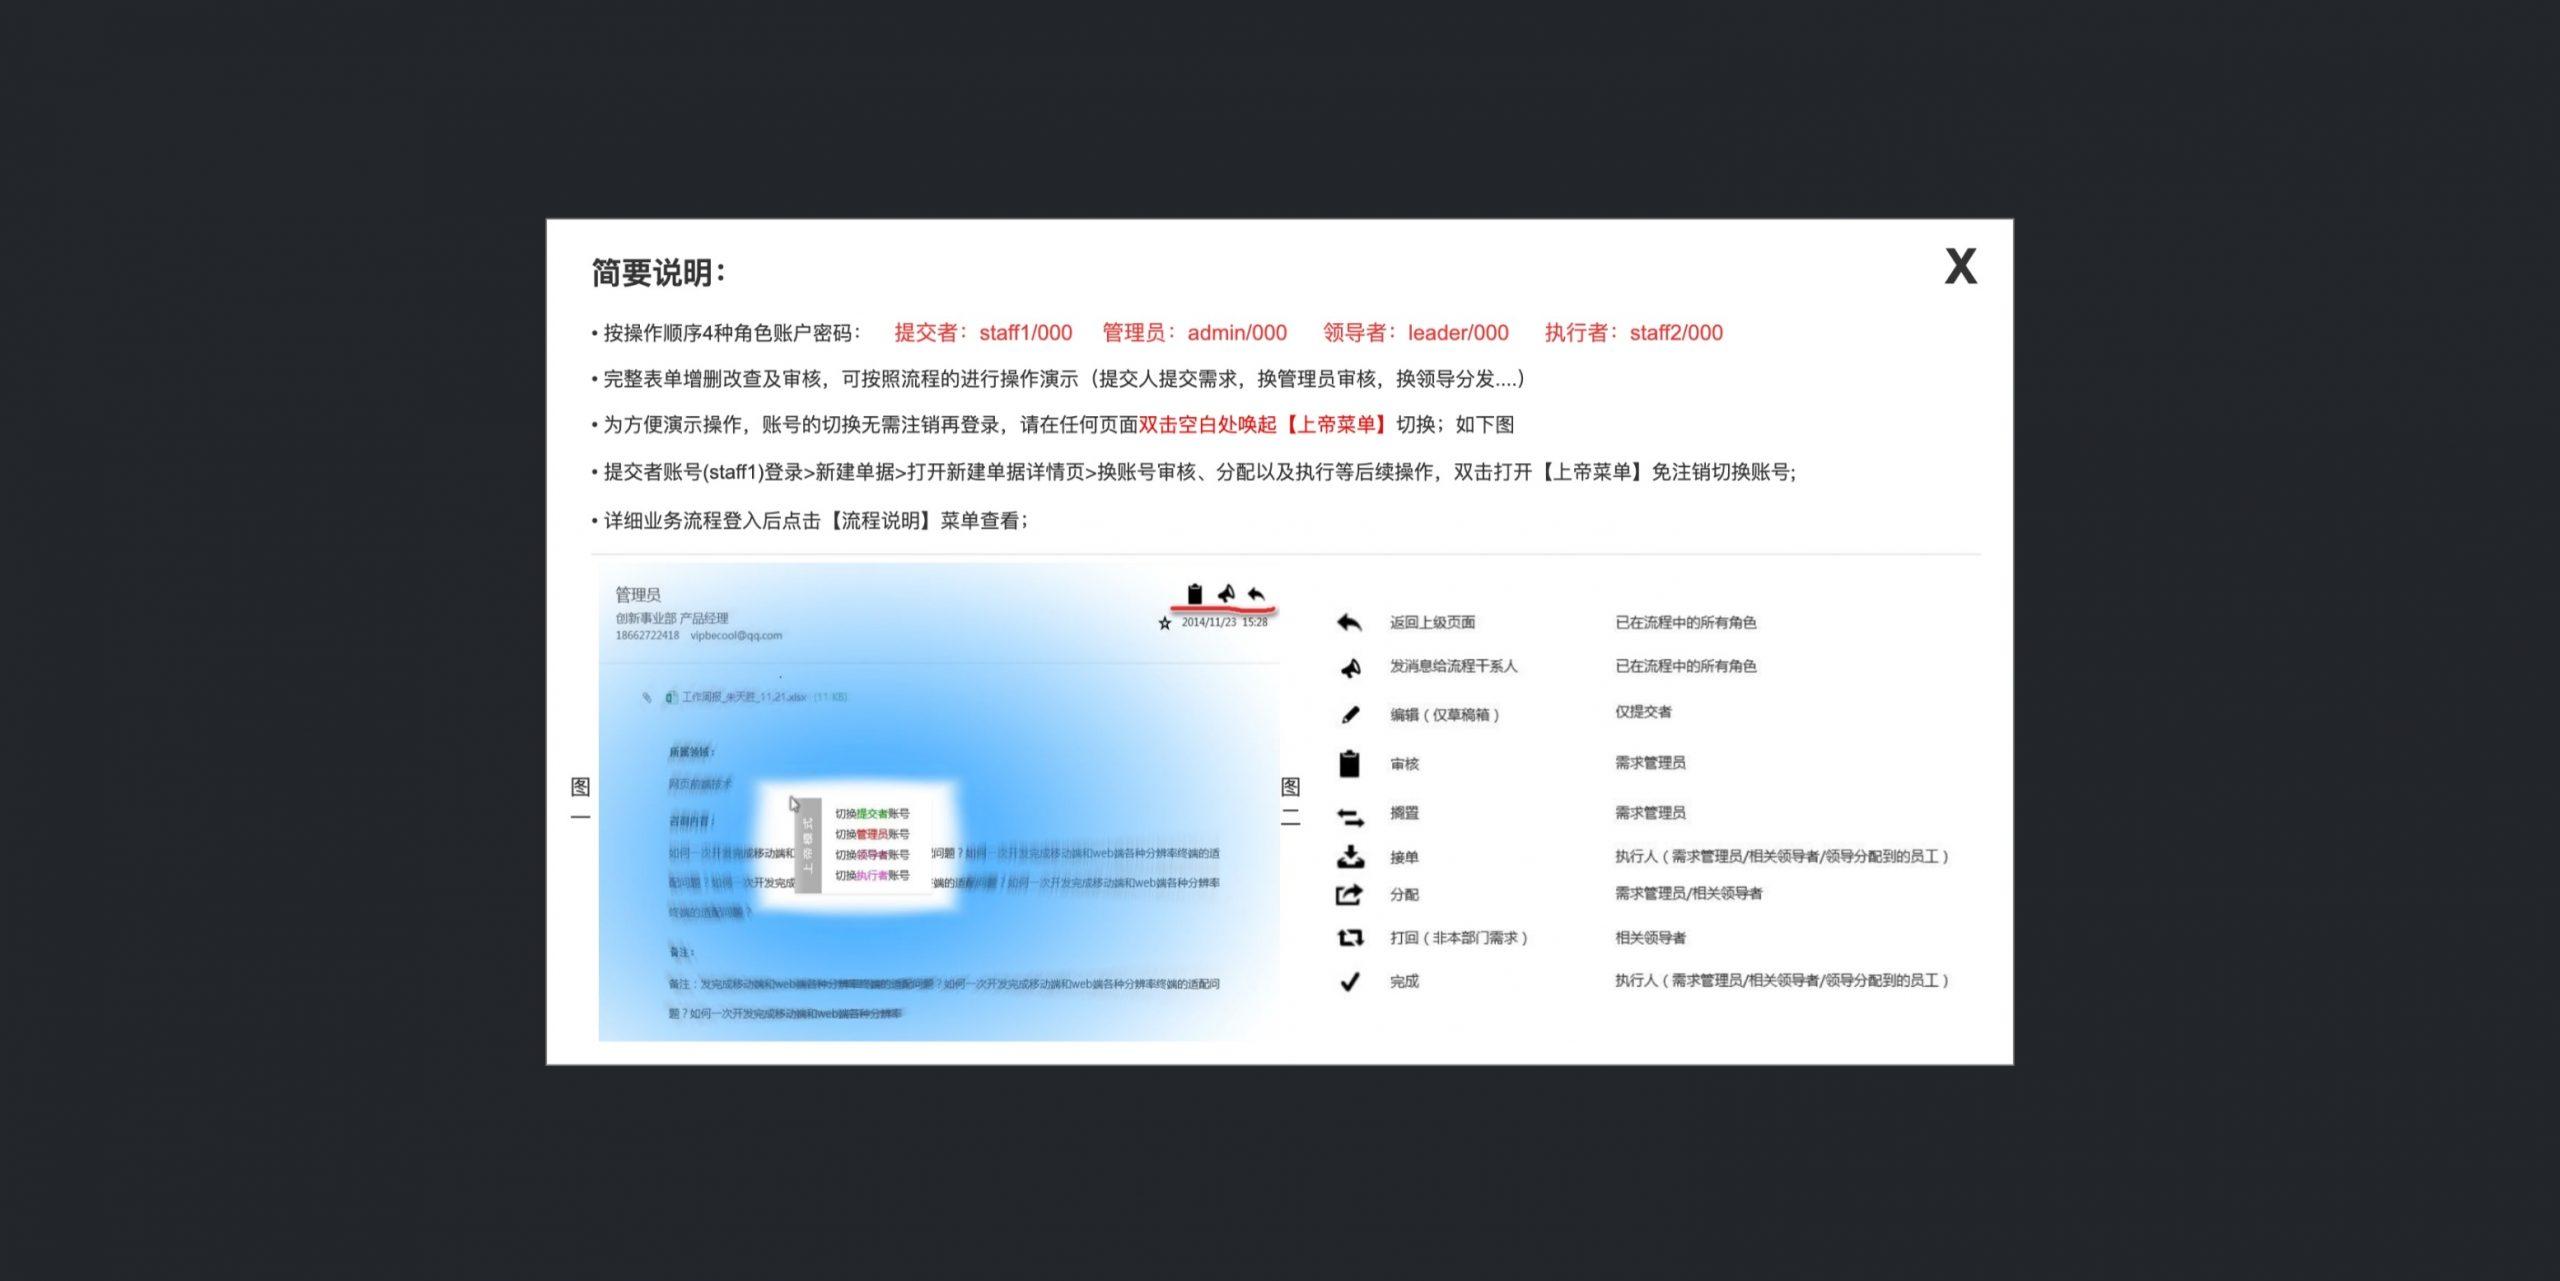 网页捕获-31-3-2021-202850-axhub.im